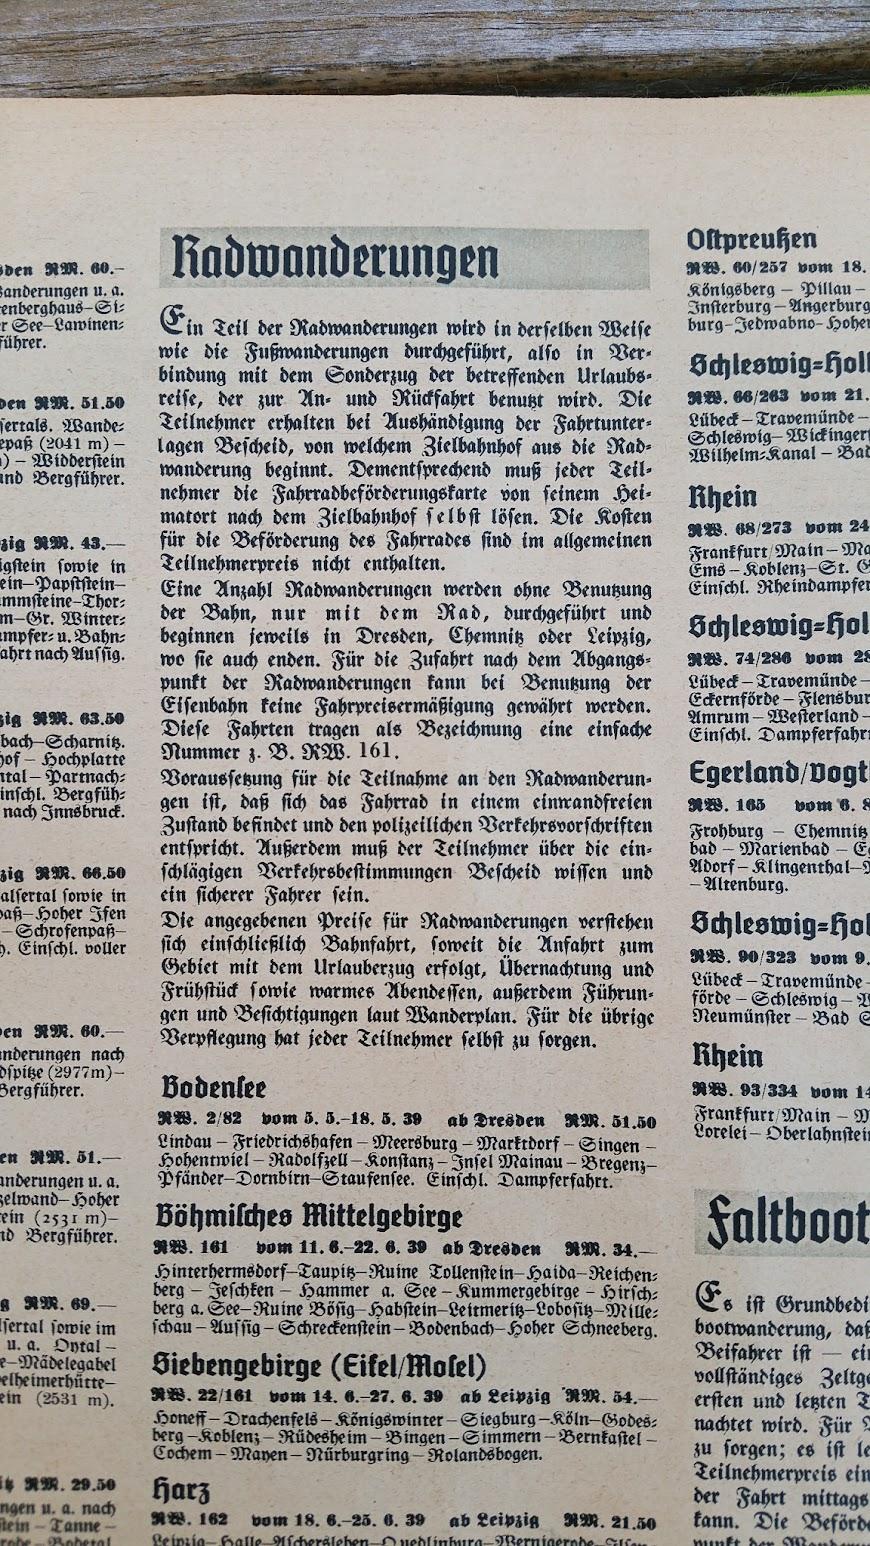 """Die Deutsche Arbeitsfront - Urlaubsfahrten 1939 - NS-Gemeinschaft """"Kraft durch Freude"""" Gau Sachsen - Katalog - Radwanderungen"""